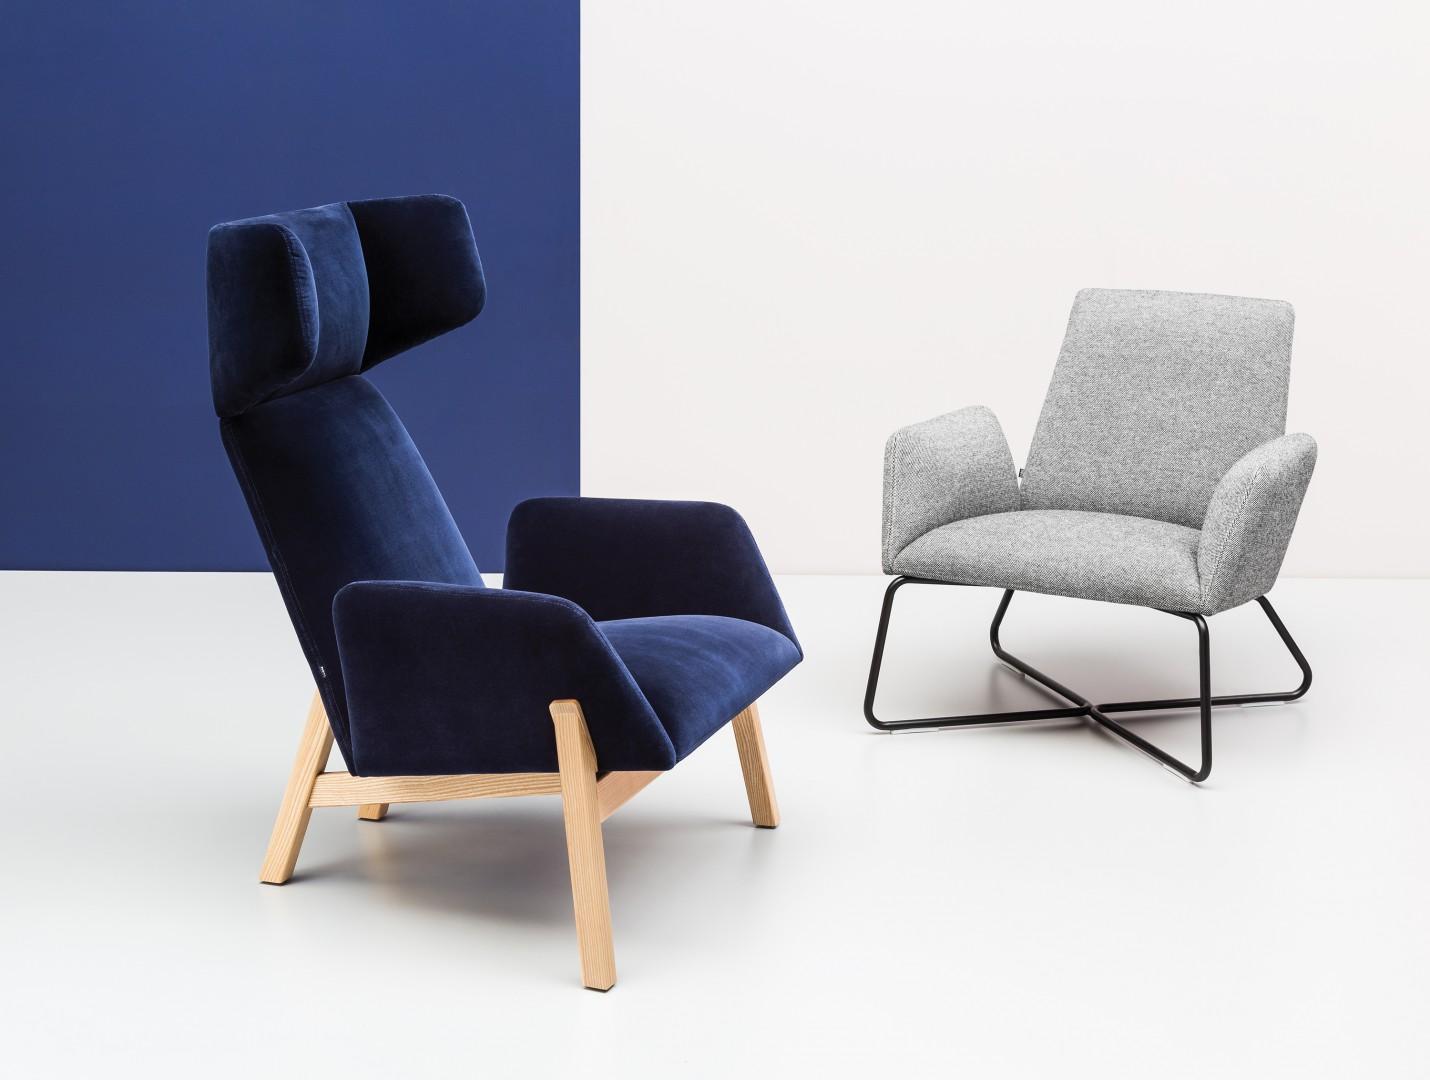 Fotele Manta to klasyczny uszak w nowoczesnej odsłonie. Fot. Noti